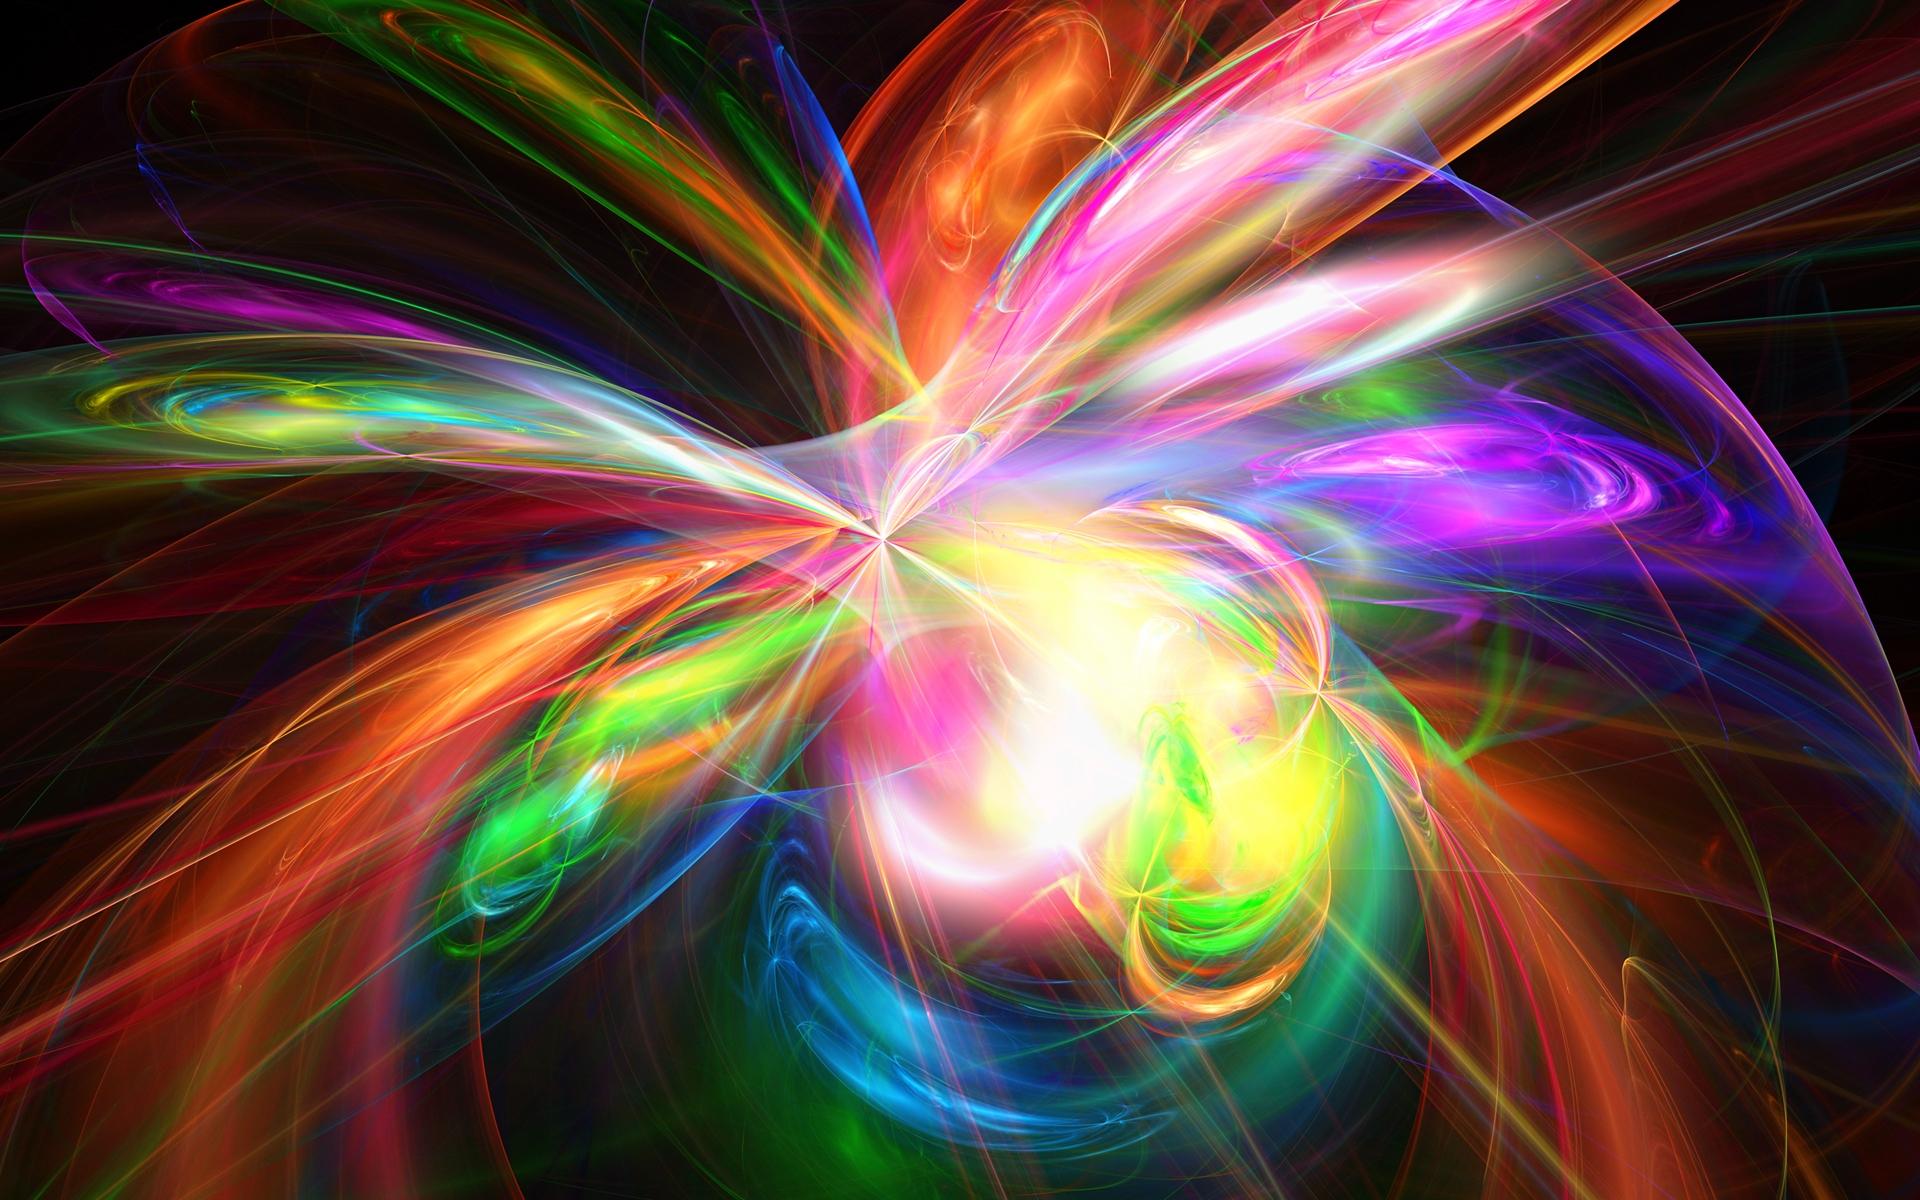 Fond d'écran : explosion, arc en ciel, Coloré, Couleur 1920x1200 - wallup - 741104 - Fond d ...